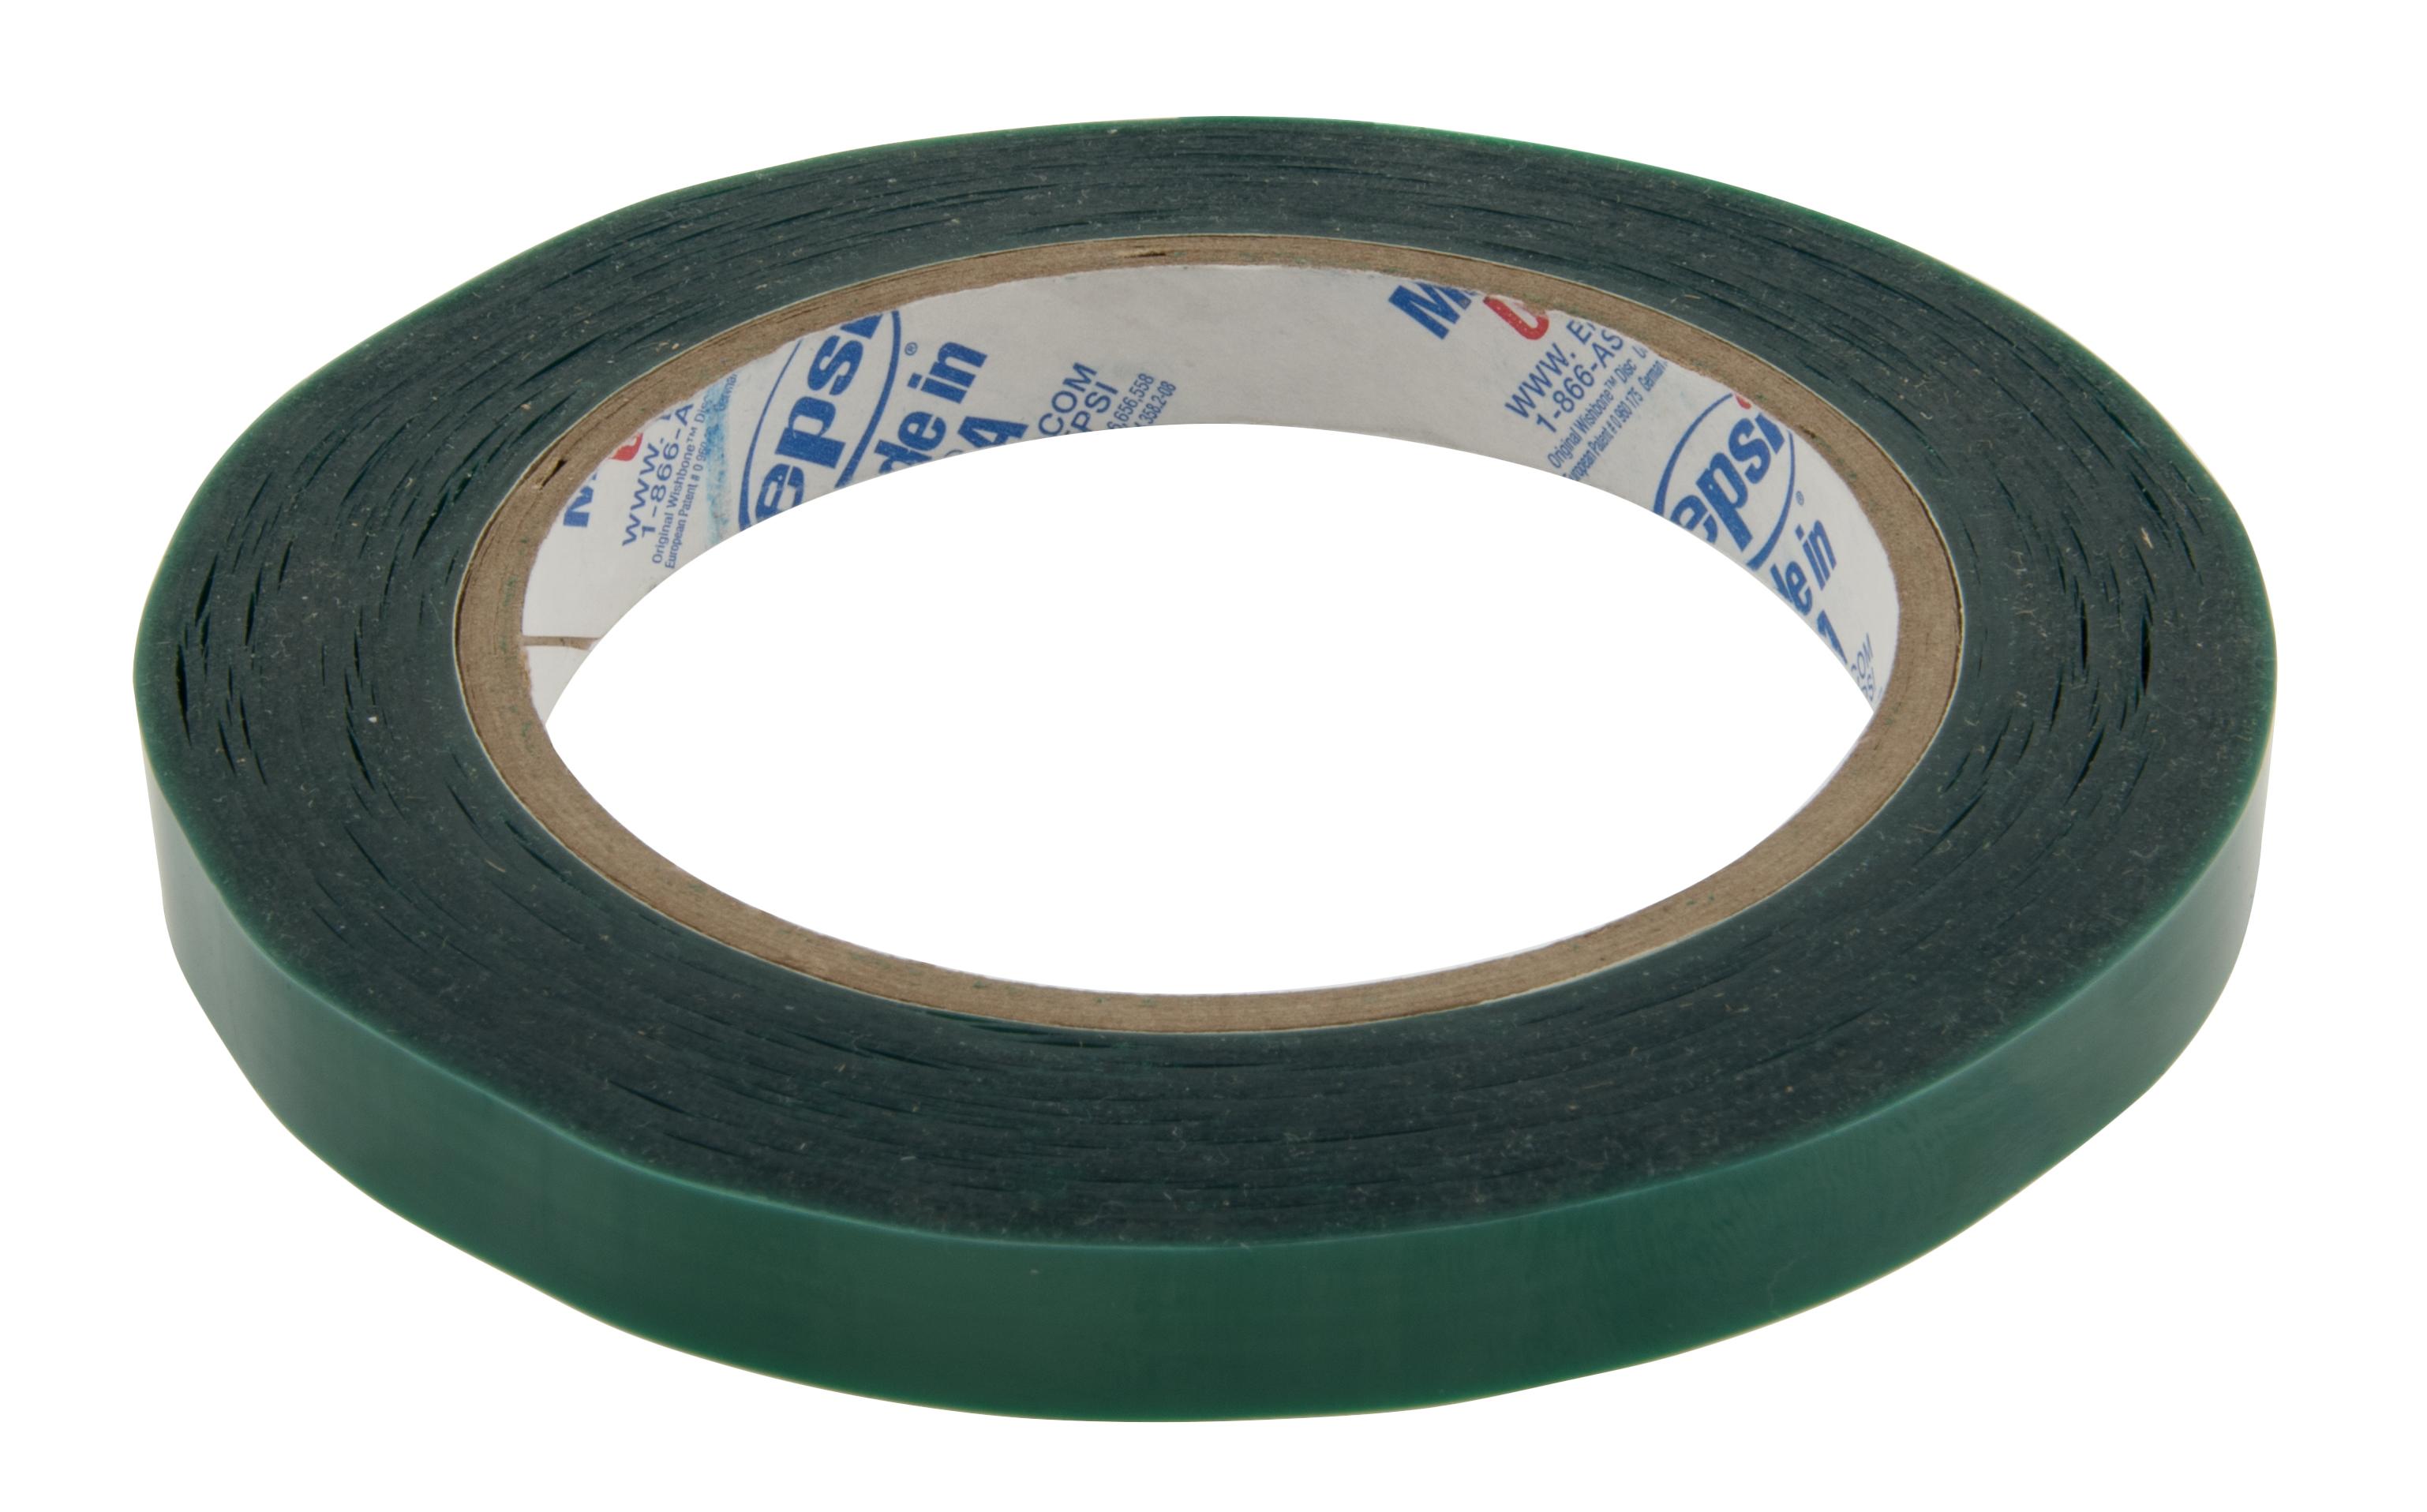 1 Stk A12 Grünes Polyester Abdeckband 11mm breit, 66m lang LIZU002011